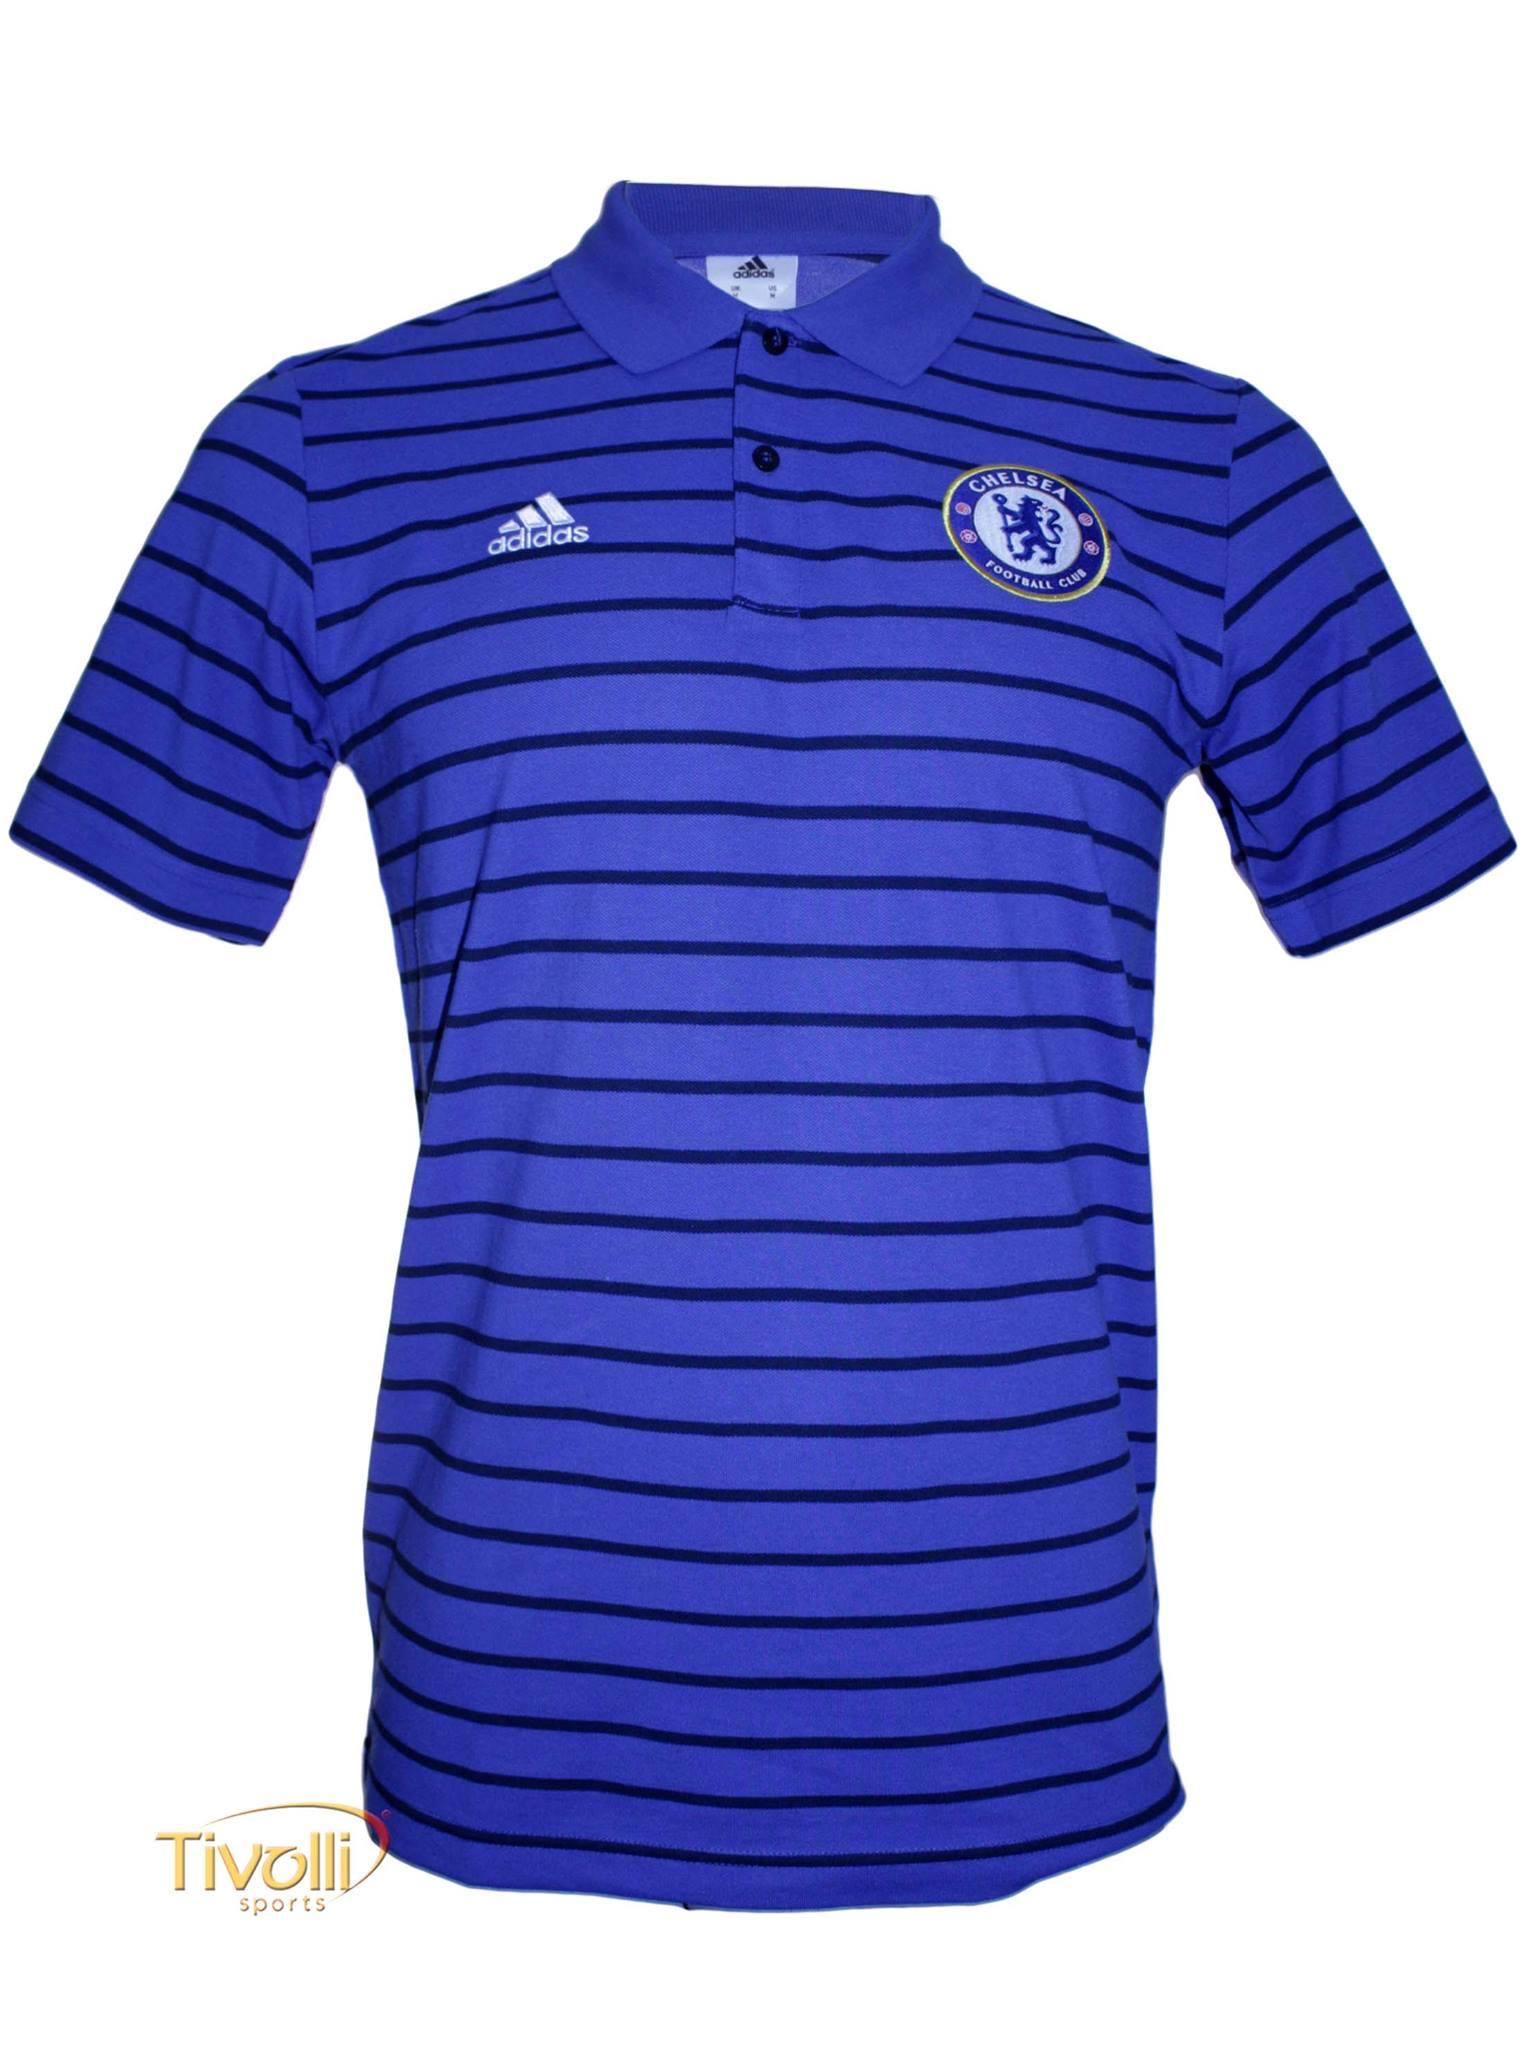 83d4d2297b4d2 Camisa Polo Chelsea Premium Viagem Adidas   - Mega Saldão